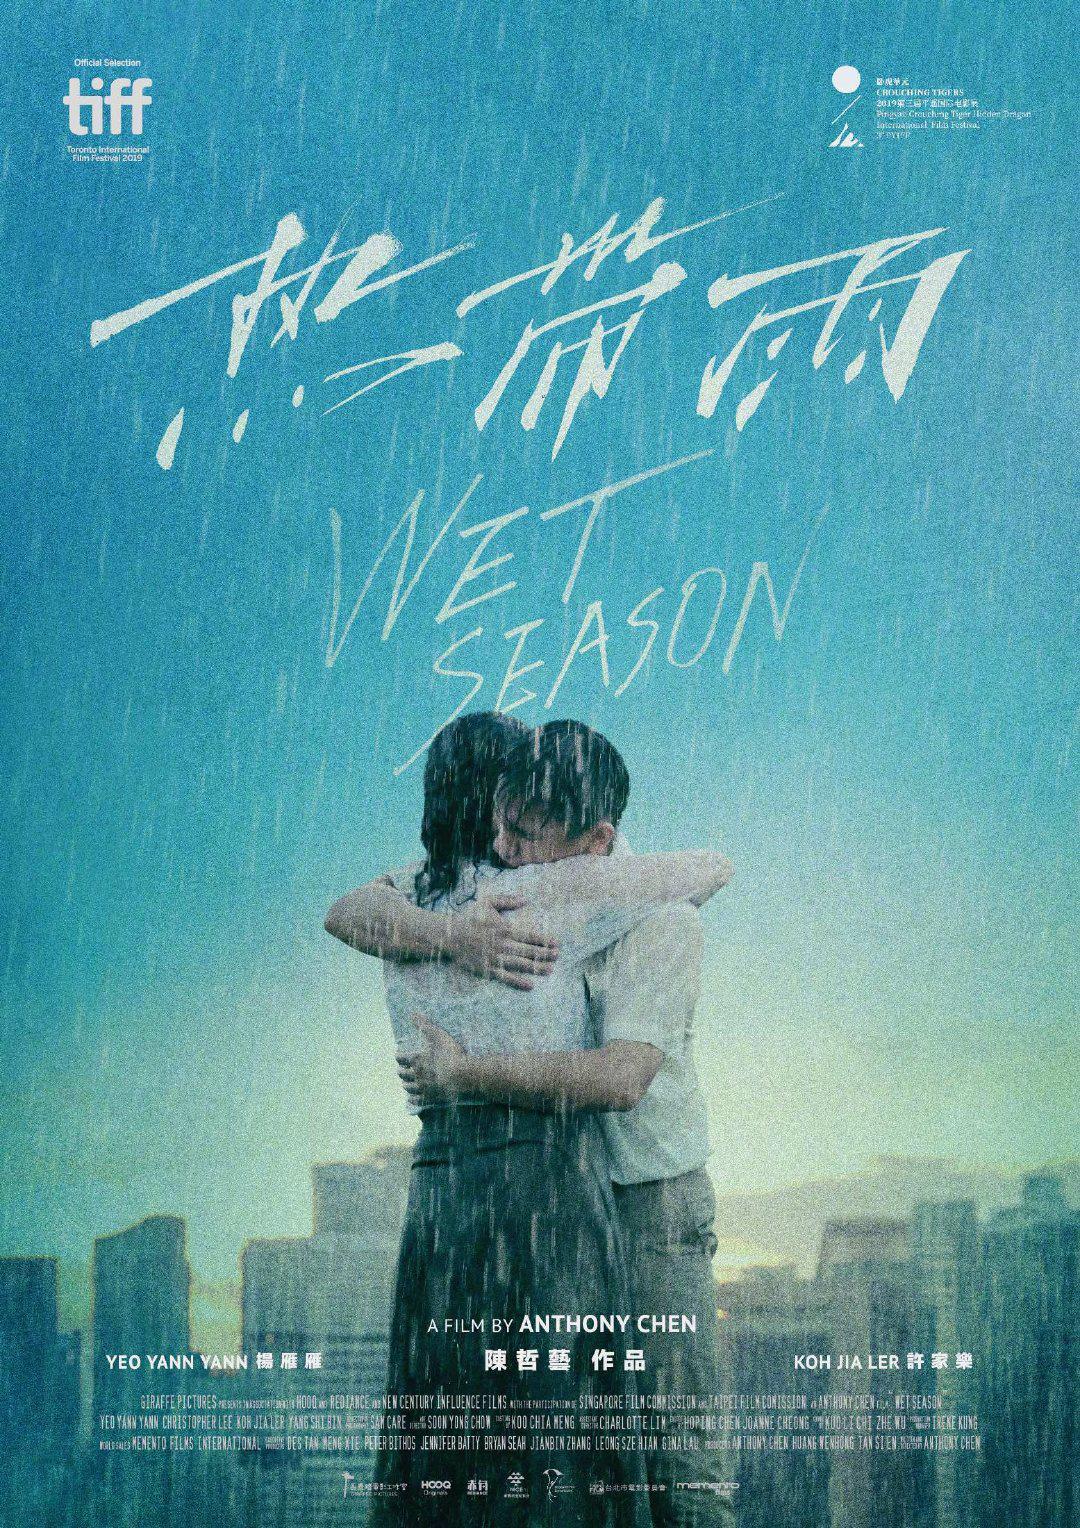 新加坡电影《热带雨》冲击奥斯卡最佳国际影片